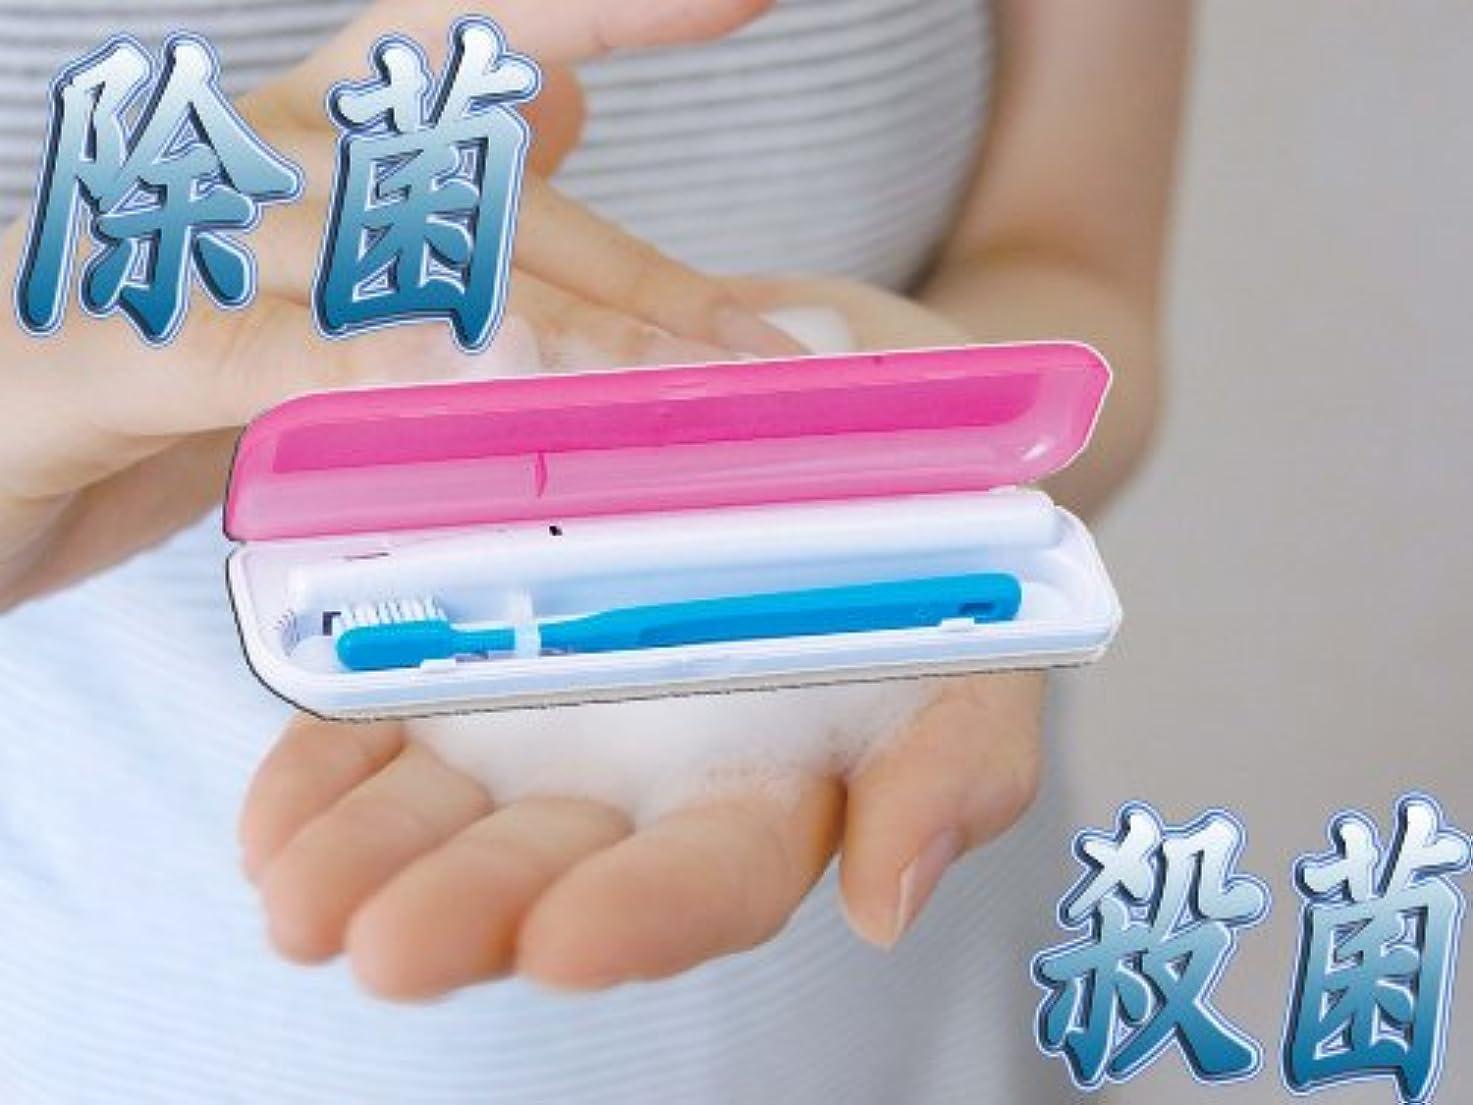 ブッシュアンテナ歯ブラシの隅々まで殺菌&除菌!! 除菌歯ブラシ 携帯ケース 電池式 15408